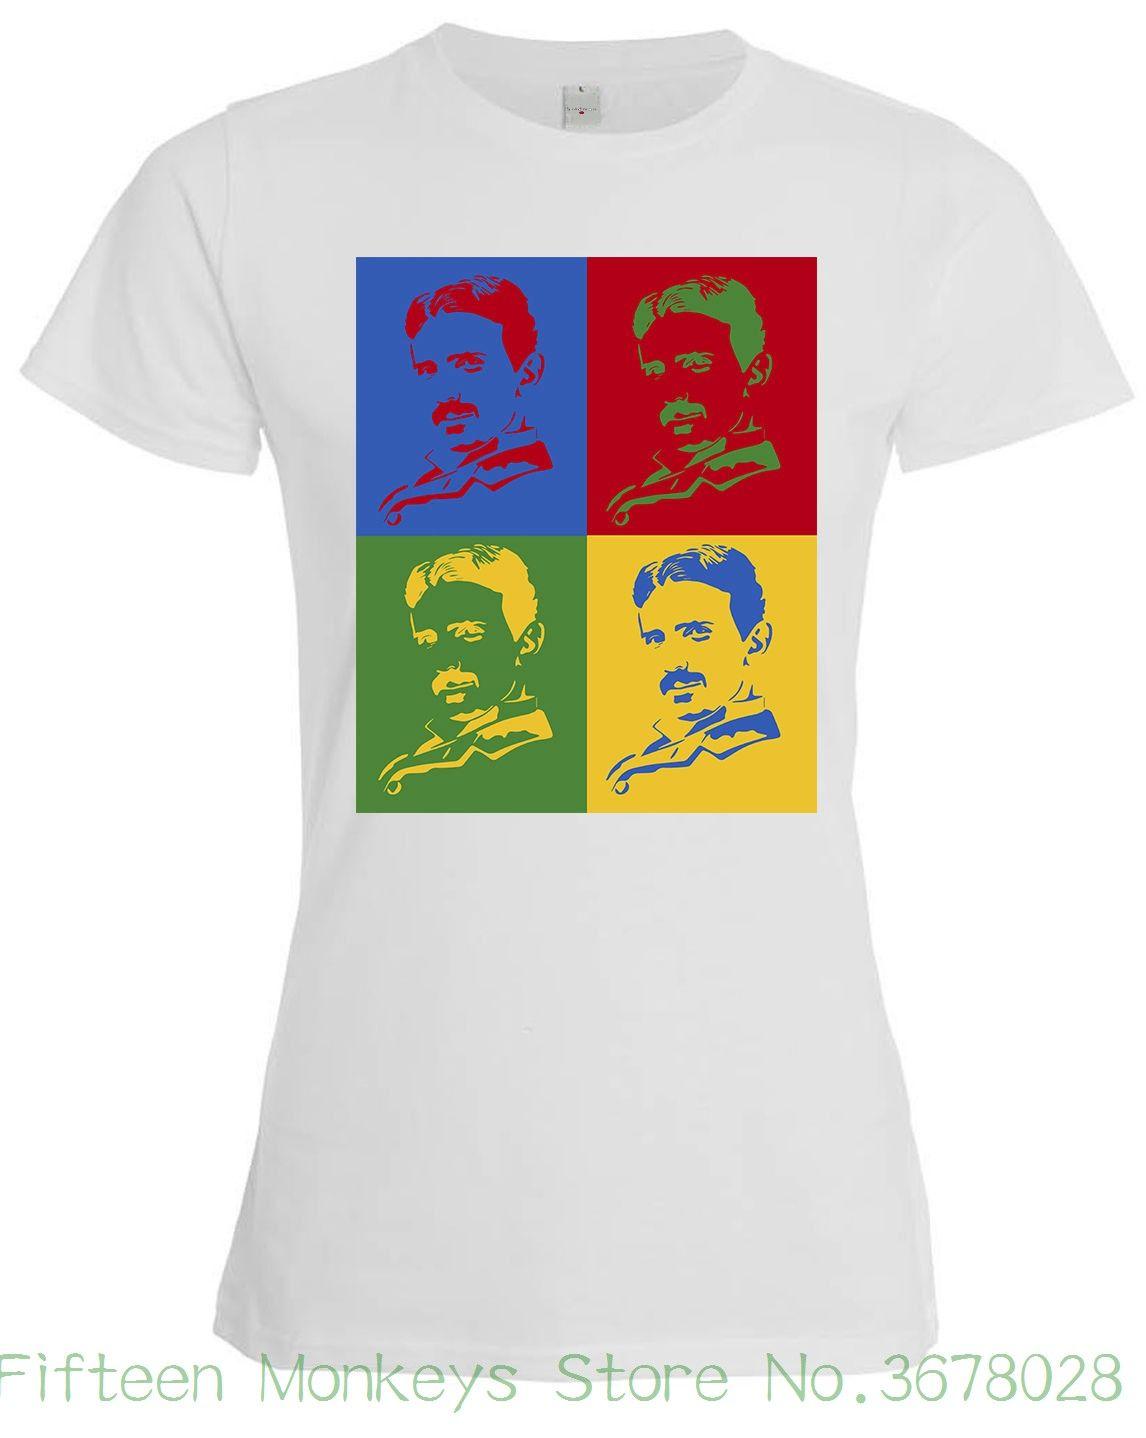 7147166f10cf6 Compre T Das Mulheres Nicola Tesla Famoso Inventer Arte Da Ciência  Engraçado Roupas Femininas Camisa Branca T 2018 Verão Novo De  Fifteenmonkeysstore